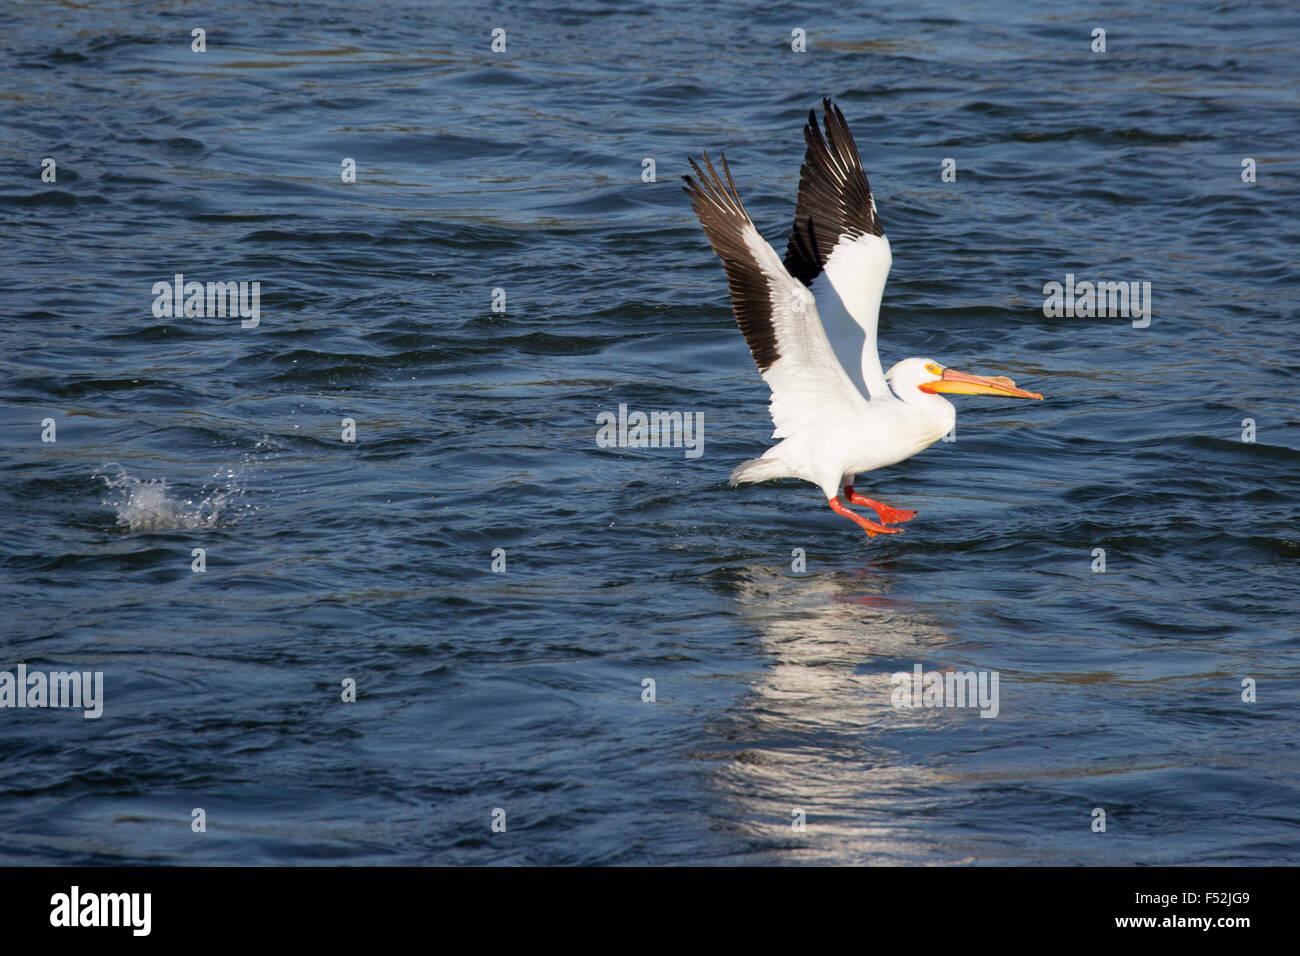 Pelícano Blanco Americano (Pelecanus erythrorhynchos) despegando desde el río Saskatchewan Imagen De Stock